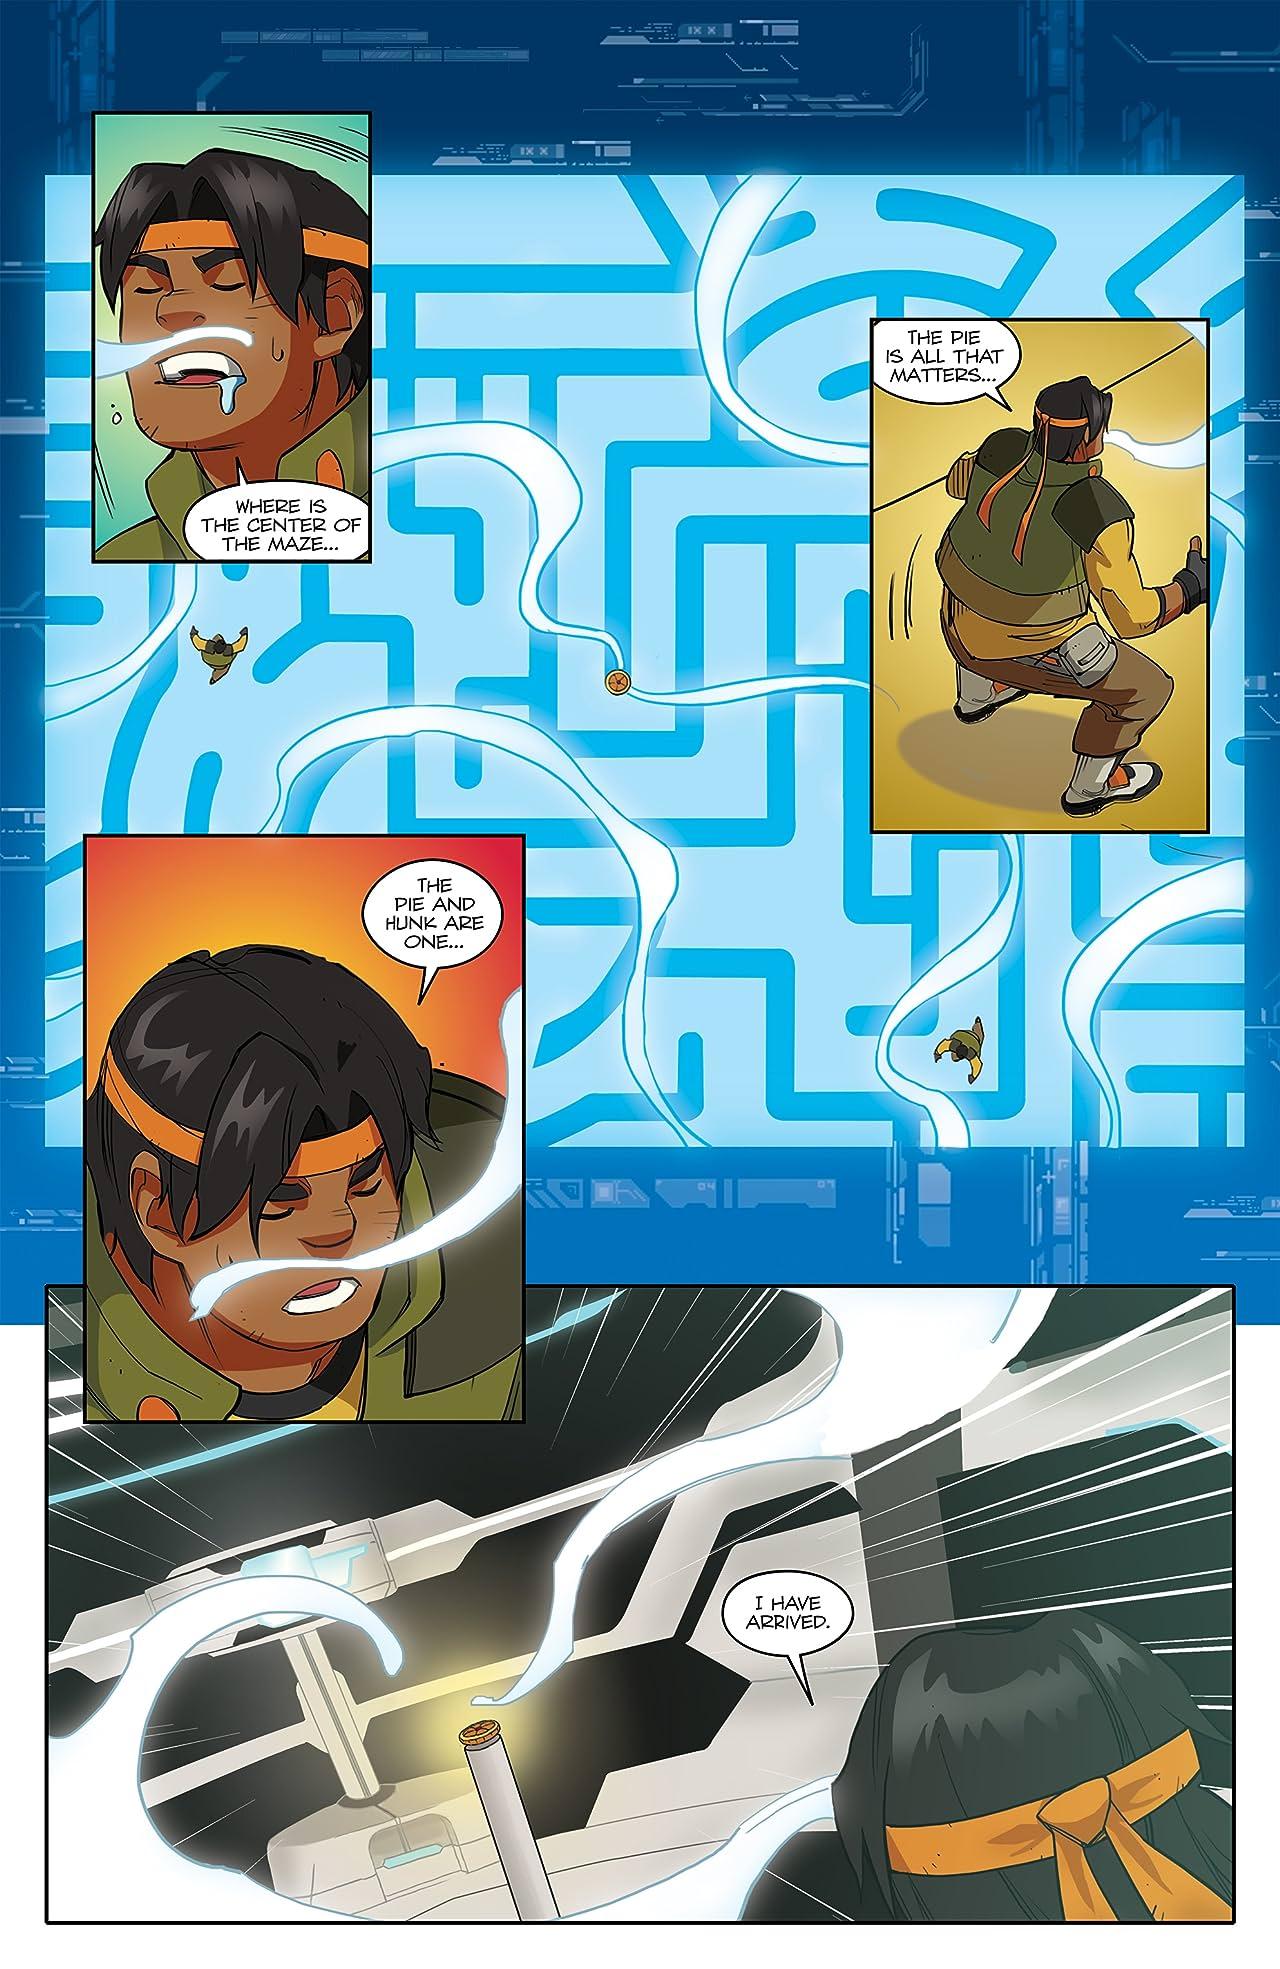 Voltron: Legendary Defender Vol. 2 #1